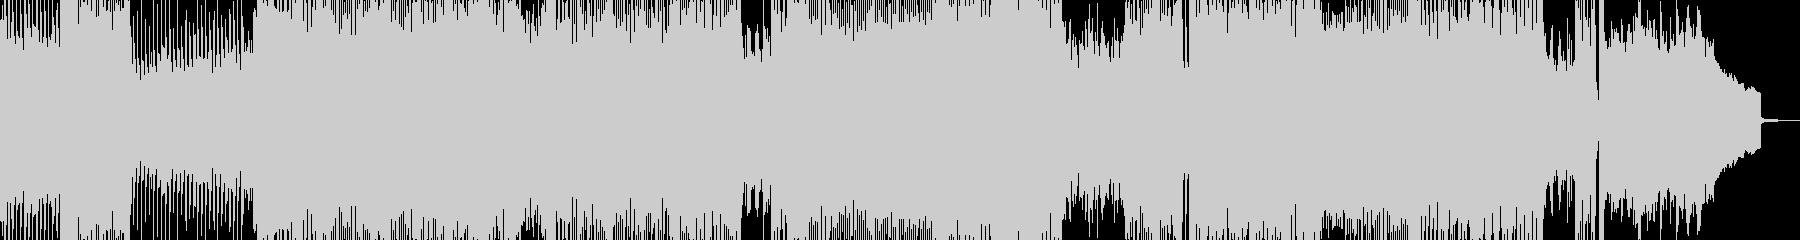 ハッピーな雰囲気に適したテクノ 短尺+★の未再生の波形